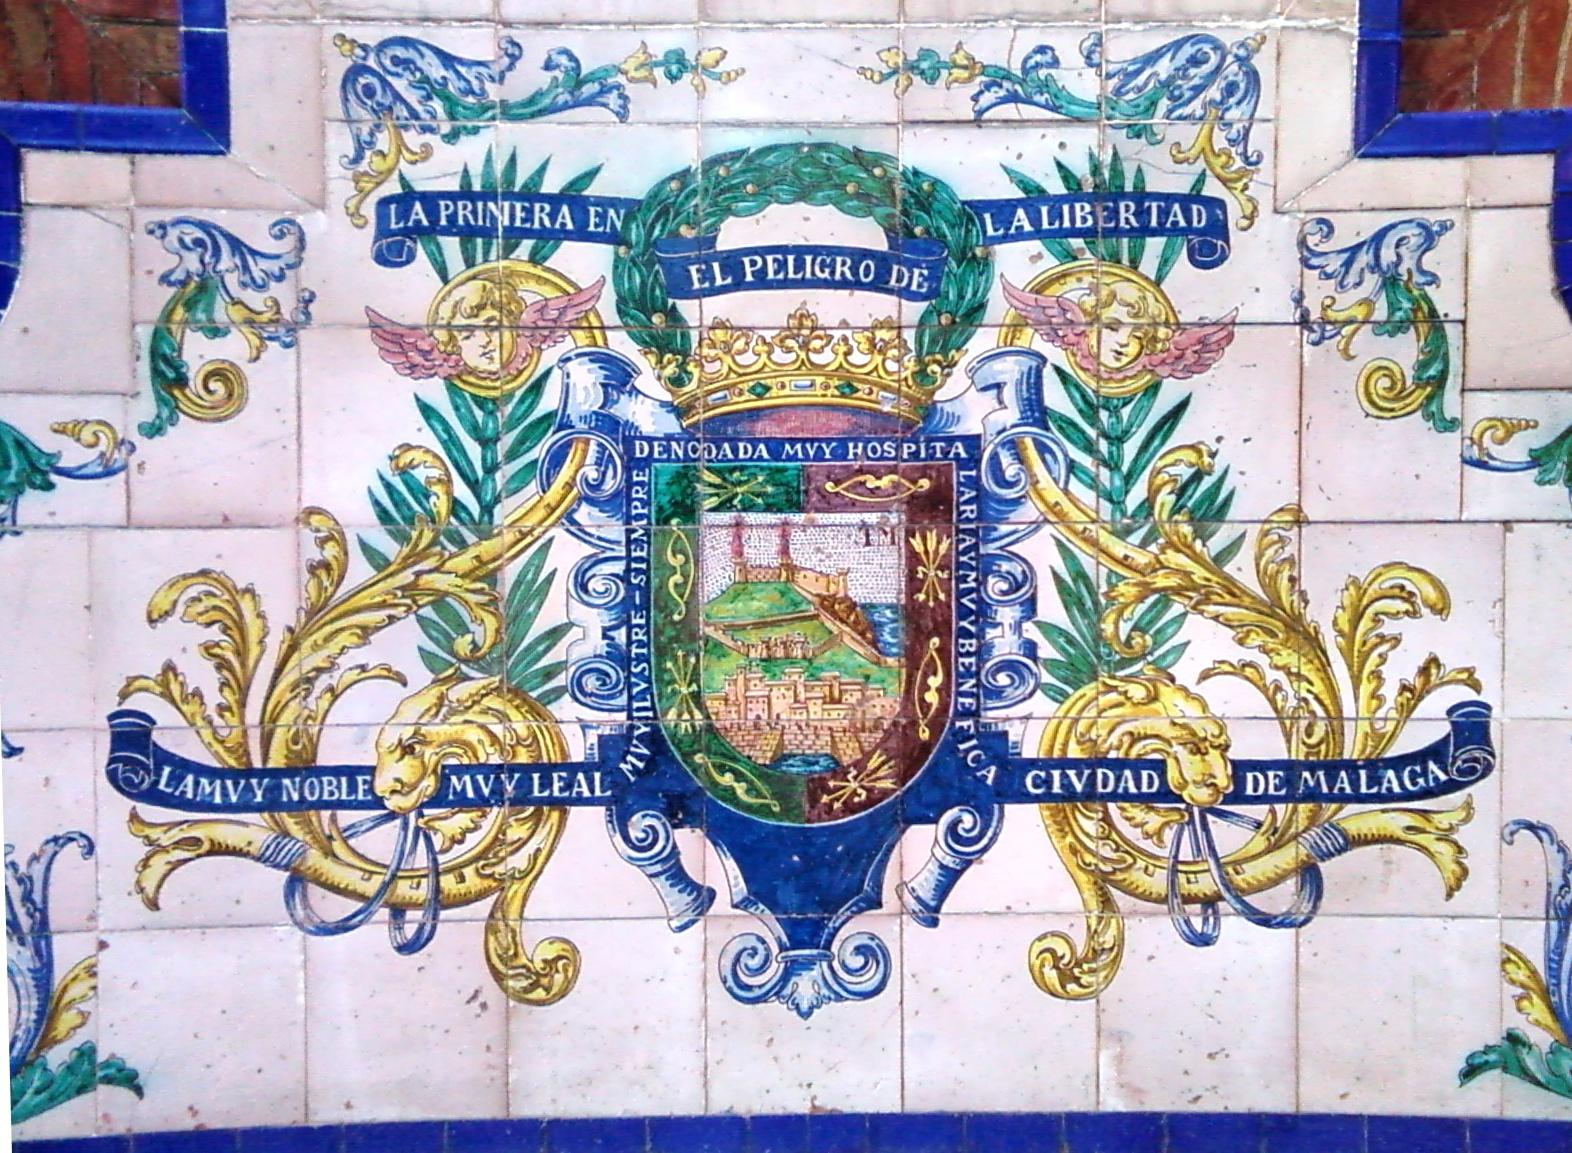 Archivo azulejos escudo m wikipedia la - Copia de azulejos ...